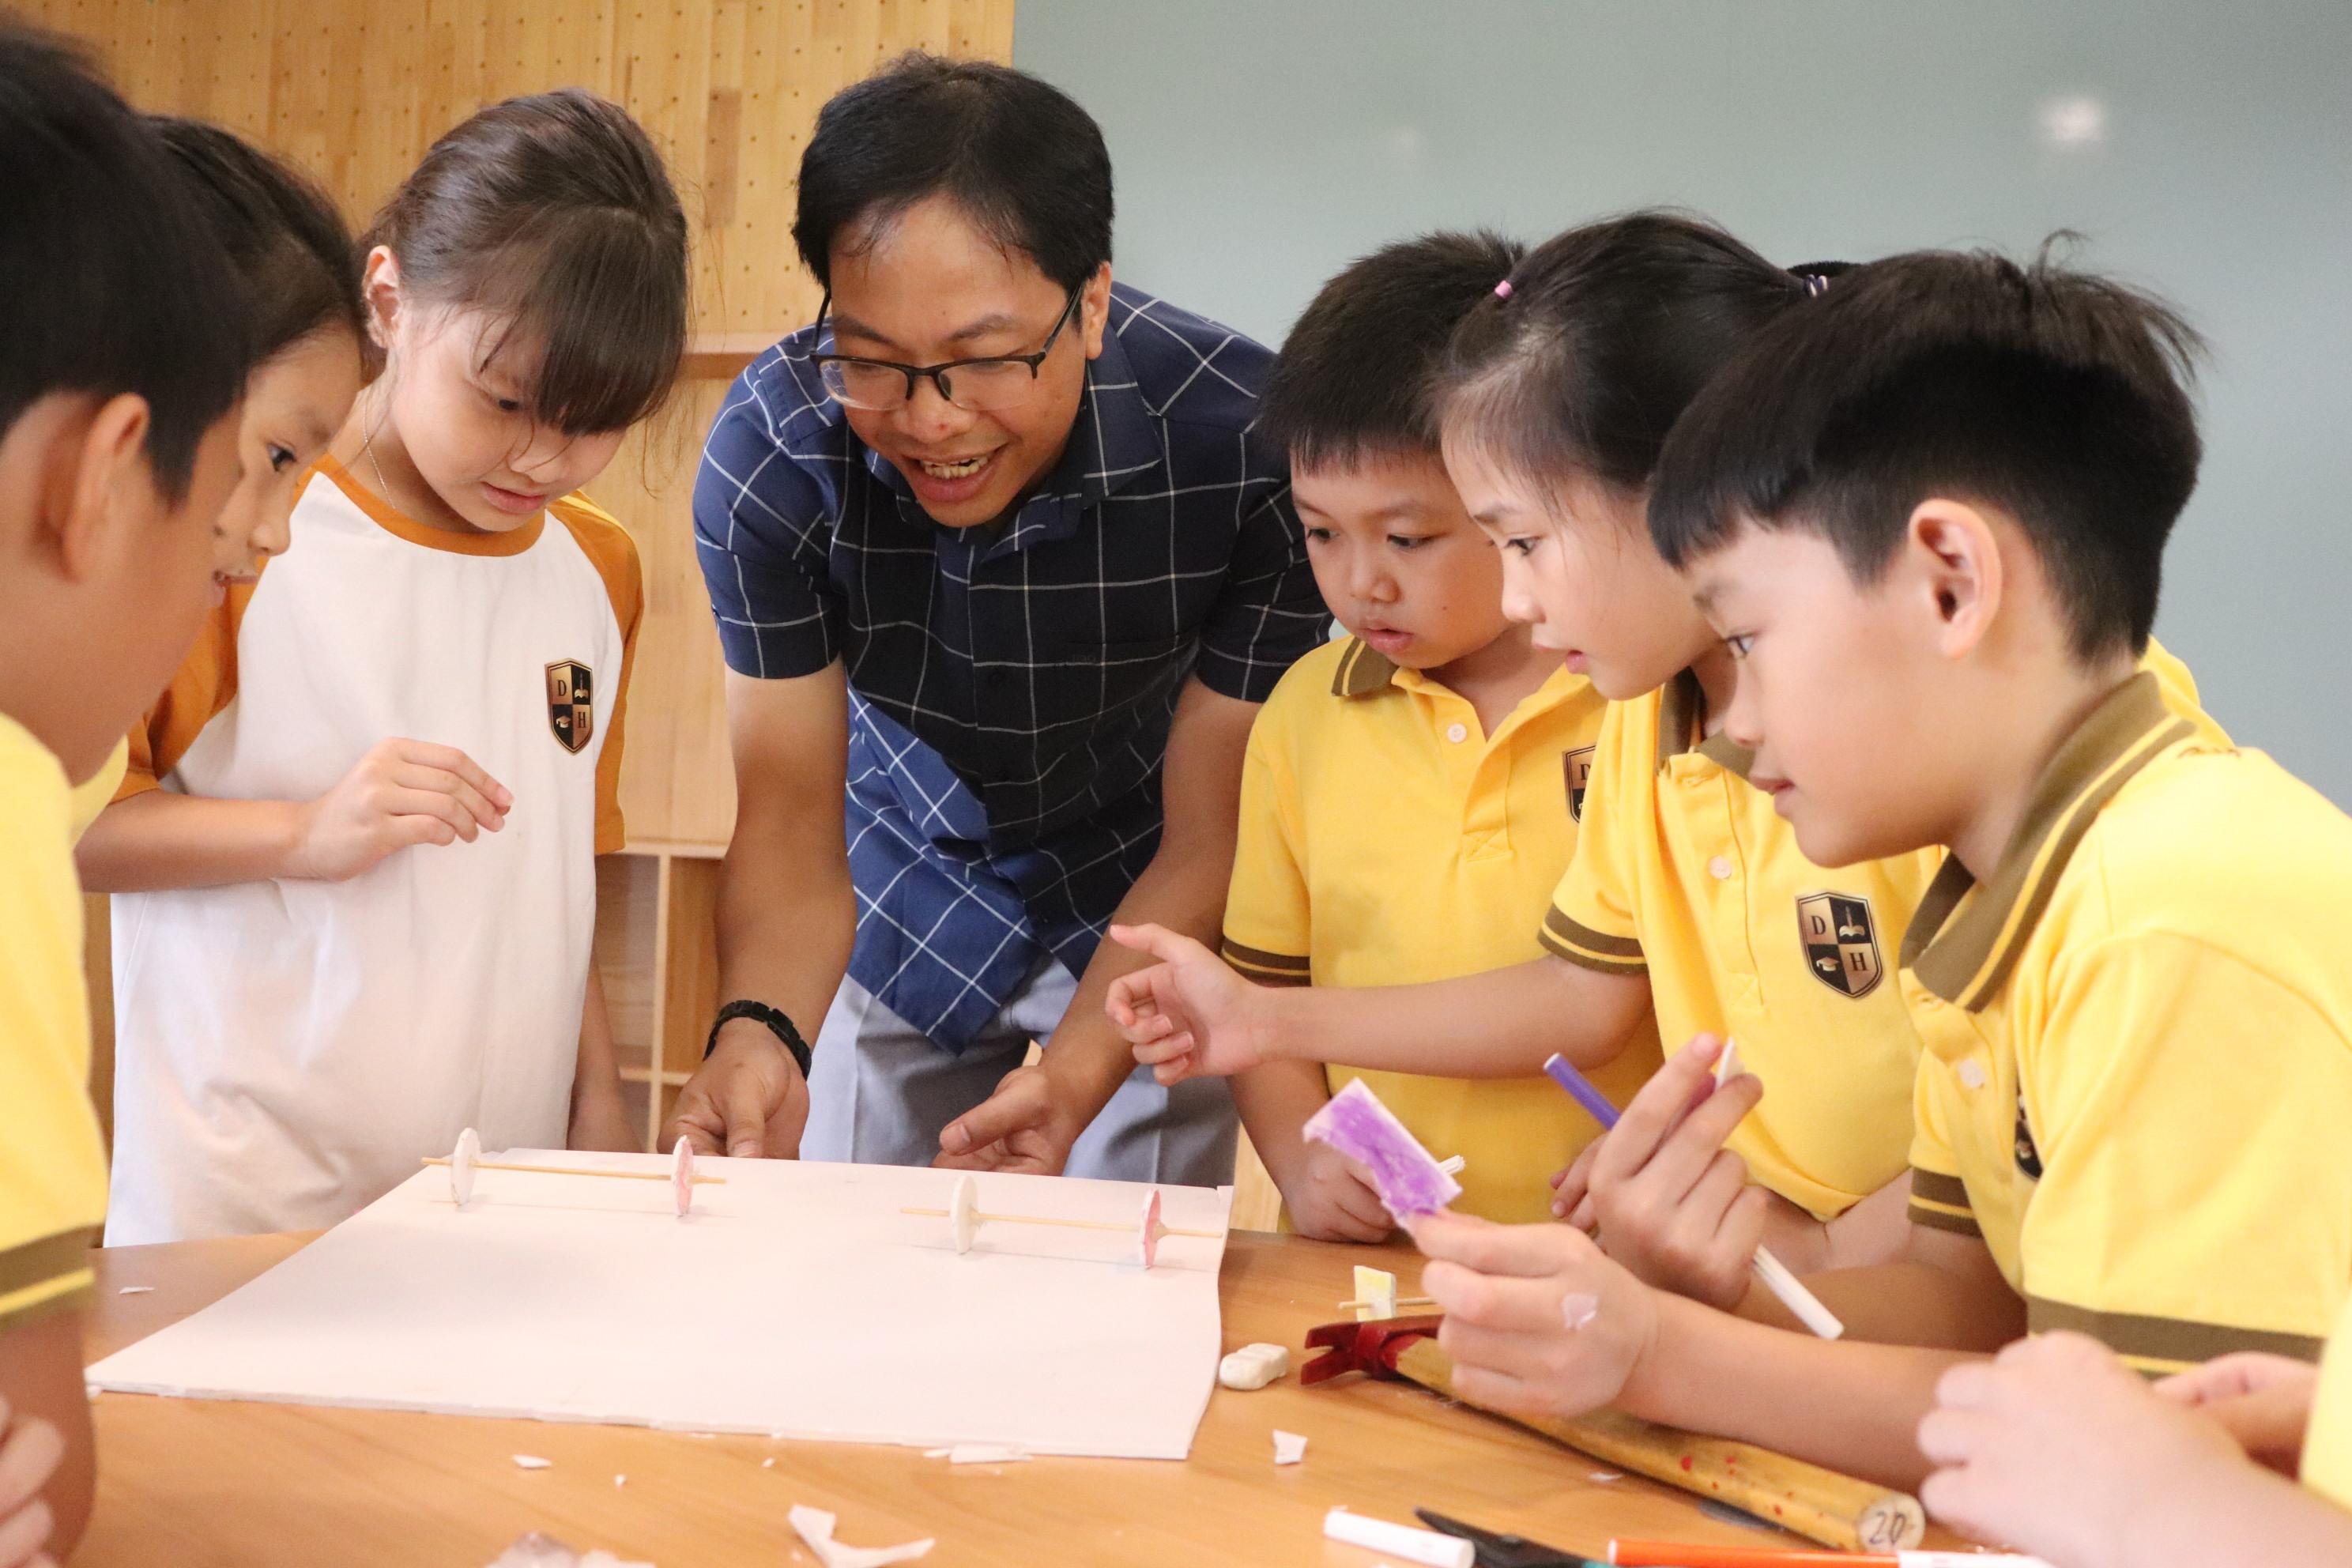 Thầy Hà Văn Lanh và các học sinh lớp 3 Trường tiểu học Dạ Hợp, TP Hòa Bình, trong giờ học về lực cản trong chuyển động. Ảnh: HTL